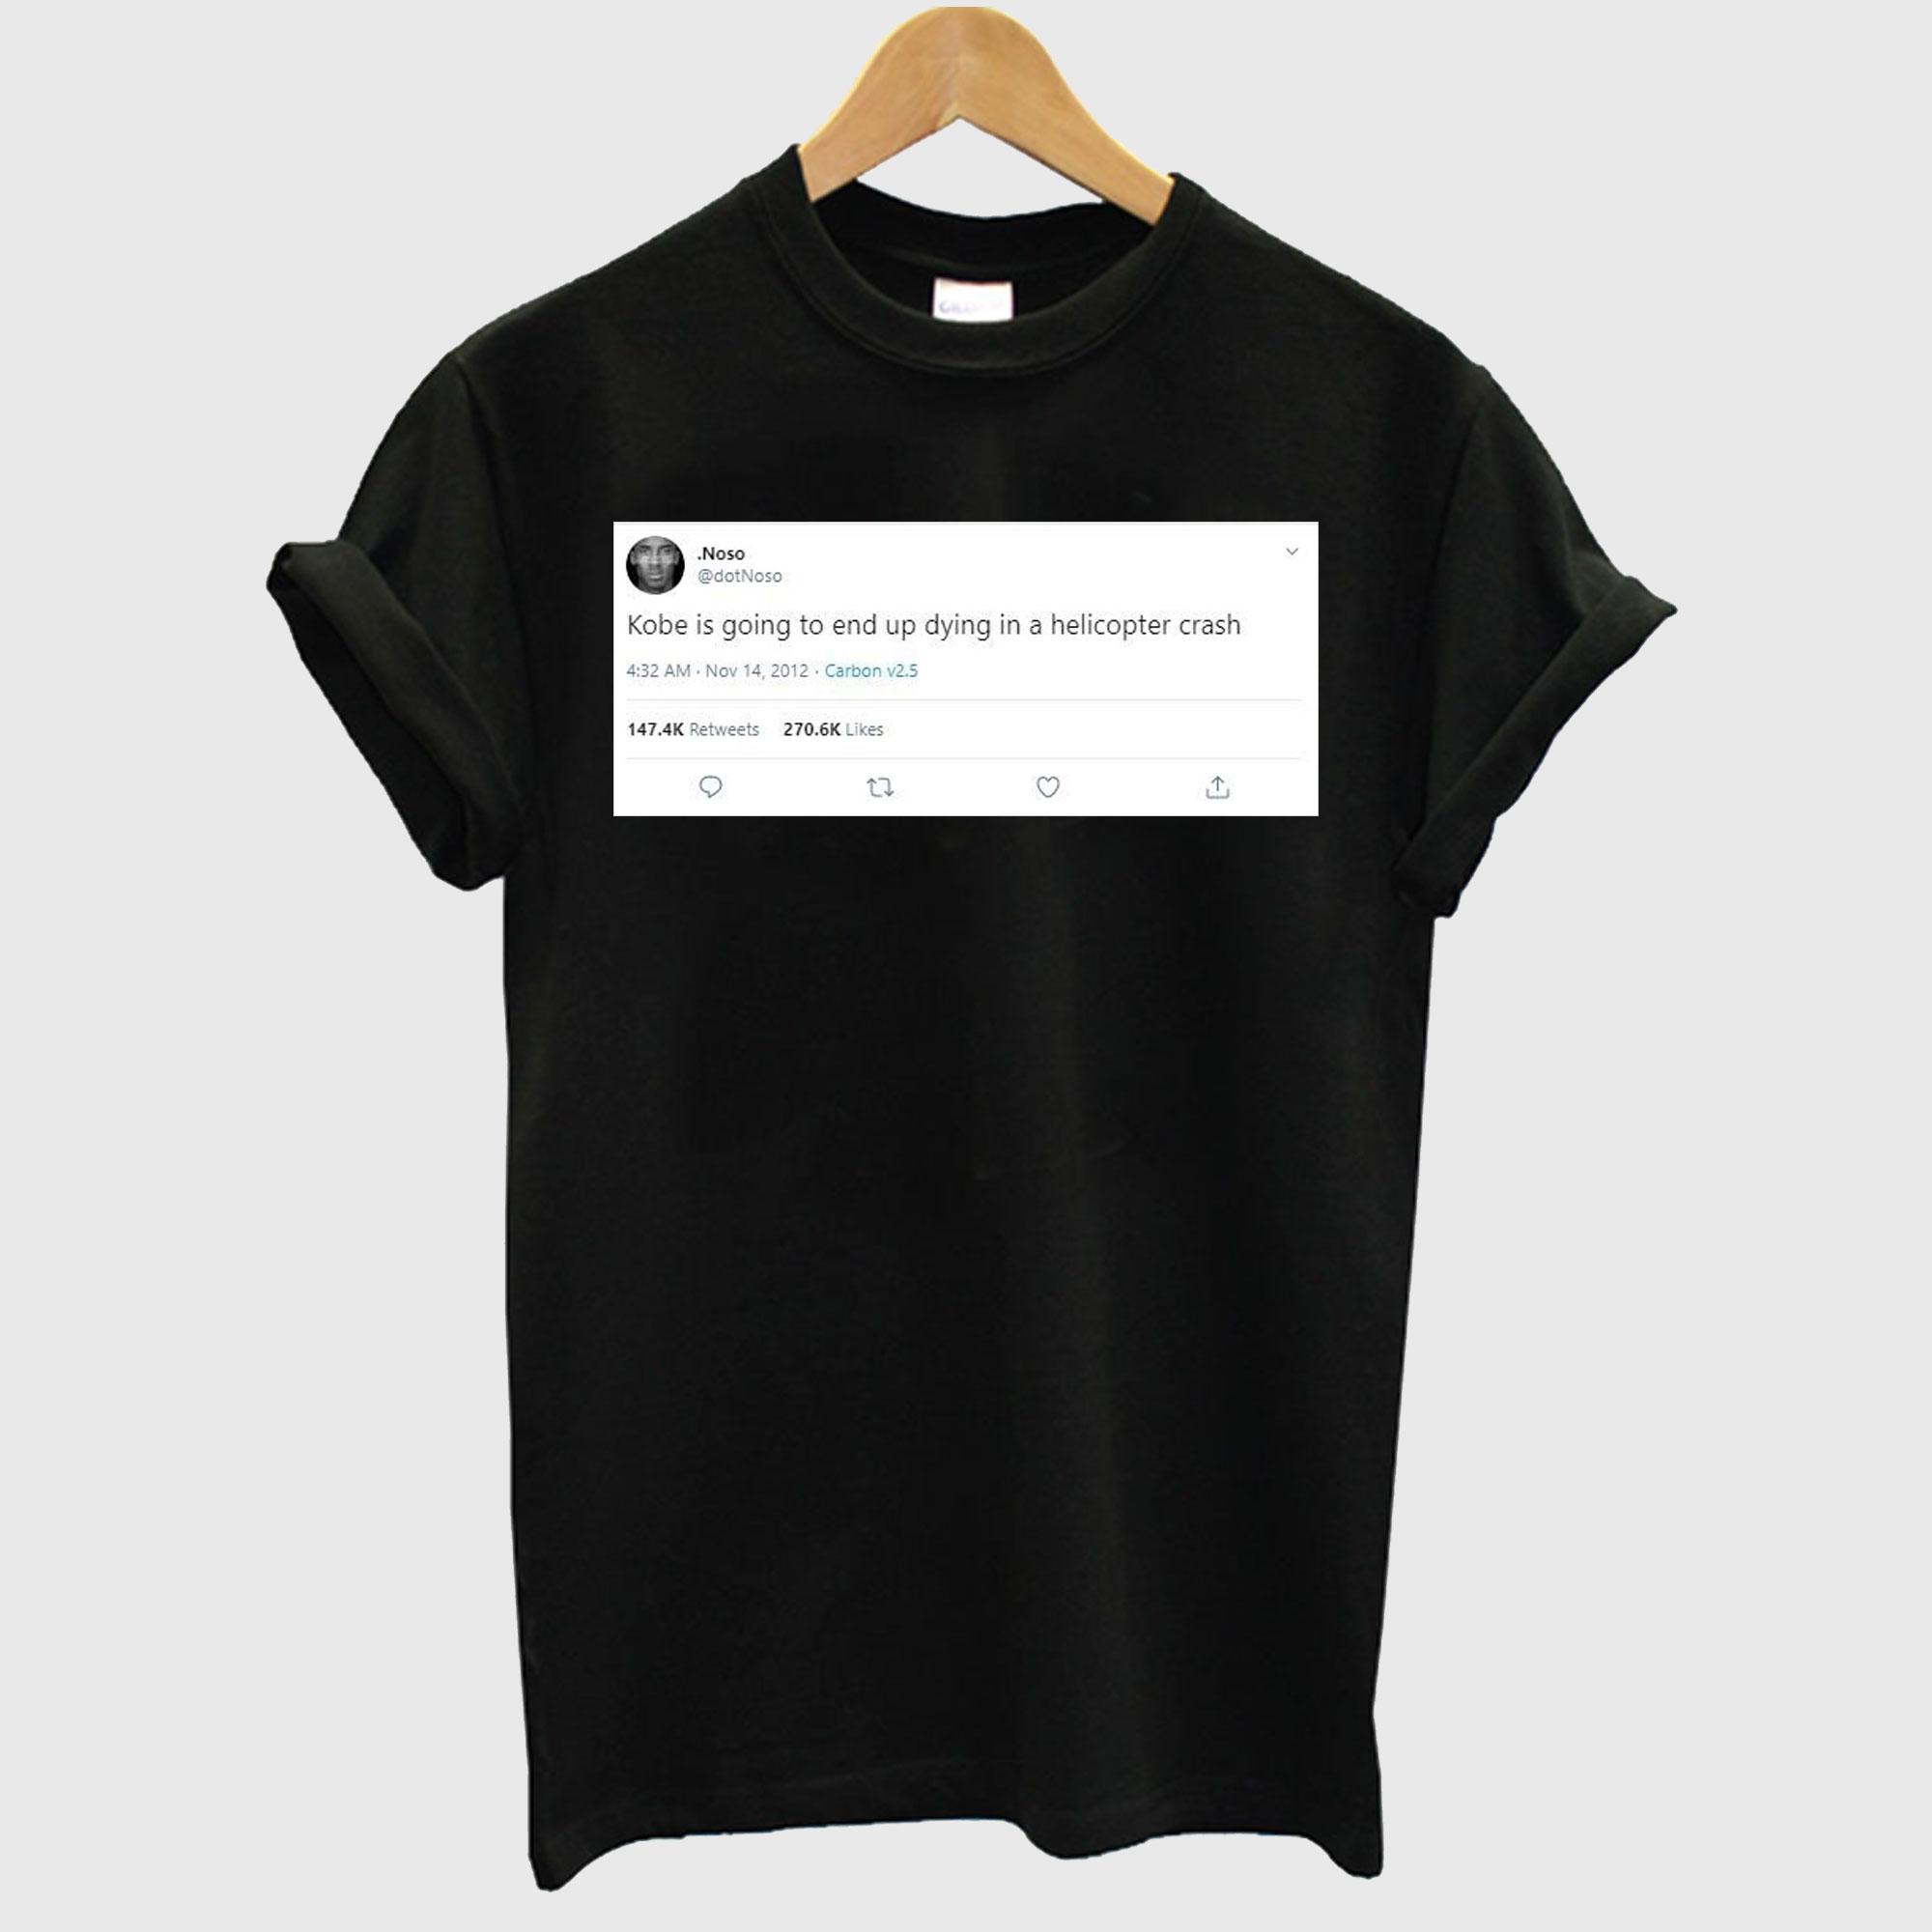 Twitt Forecast Kobe Bryant Death T-Shirt